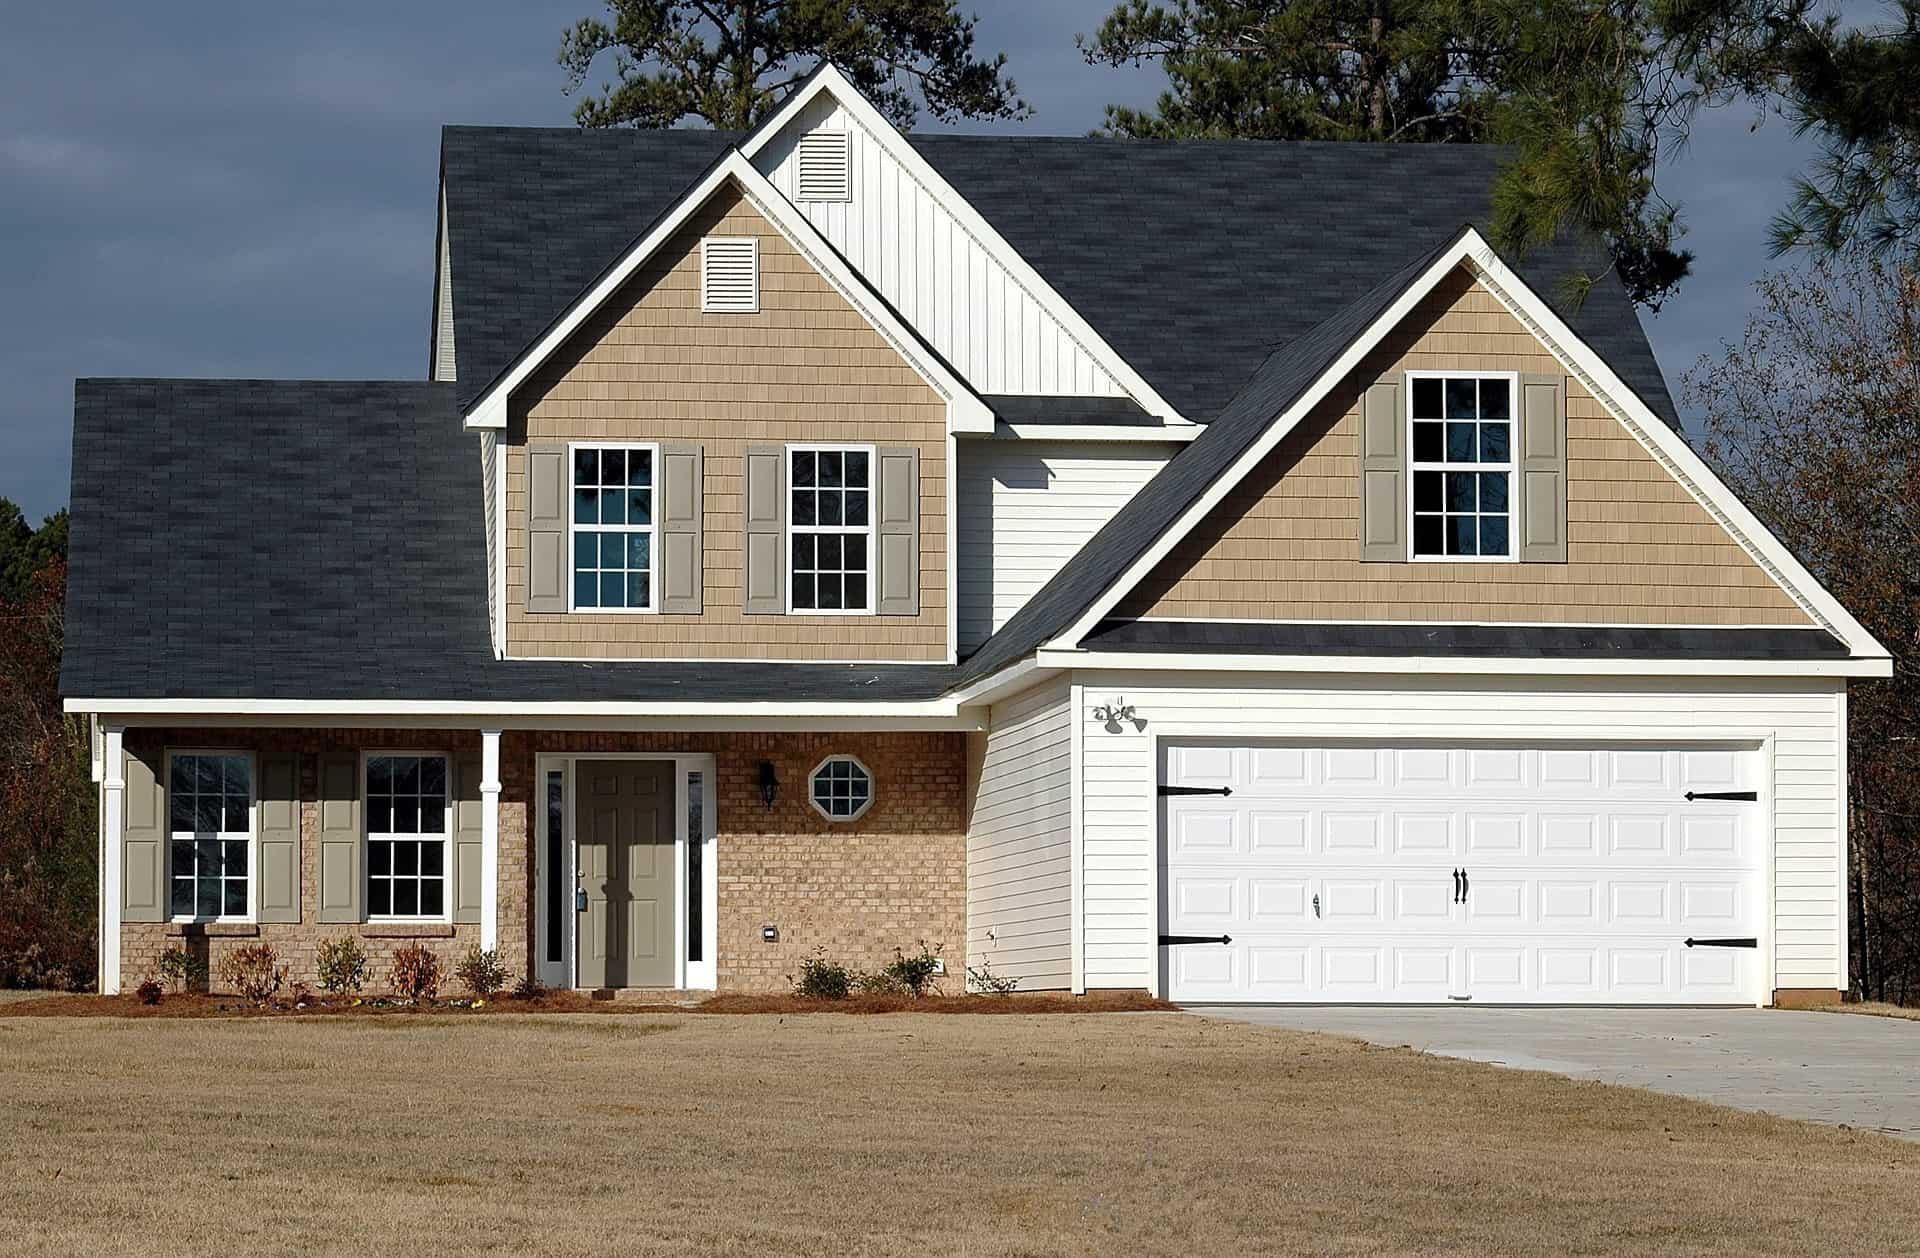 Sherrills Ford Homes Lake Norman North Carolina